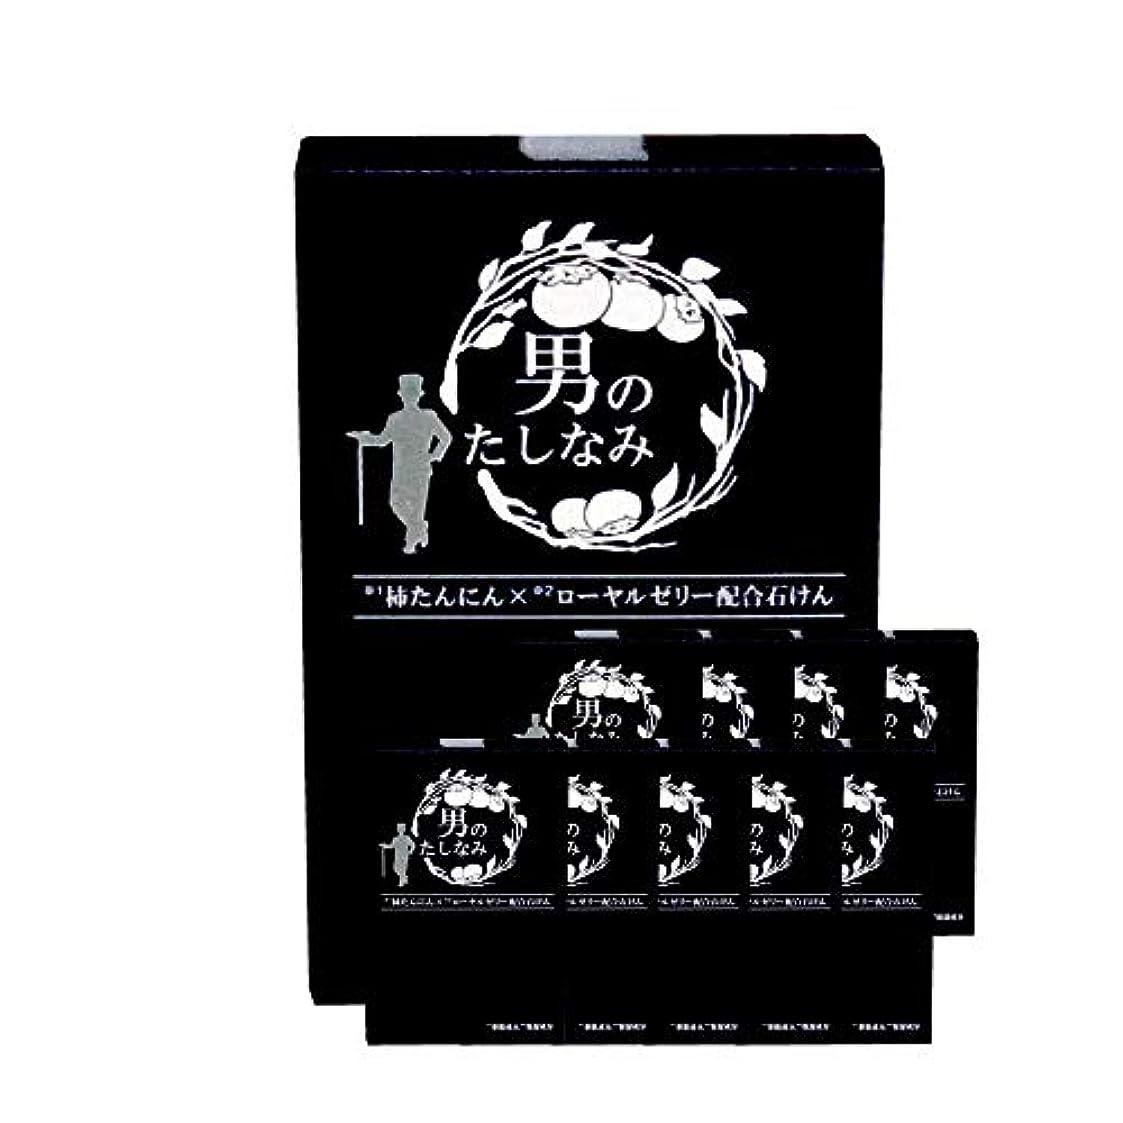 ペルメルフォーマル相互柿渋石鹸 男のたしなみ 100g (10個セット)